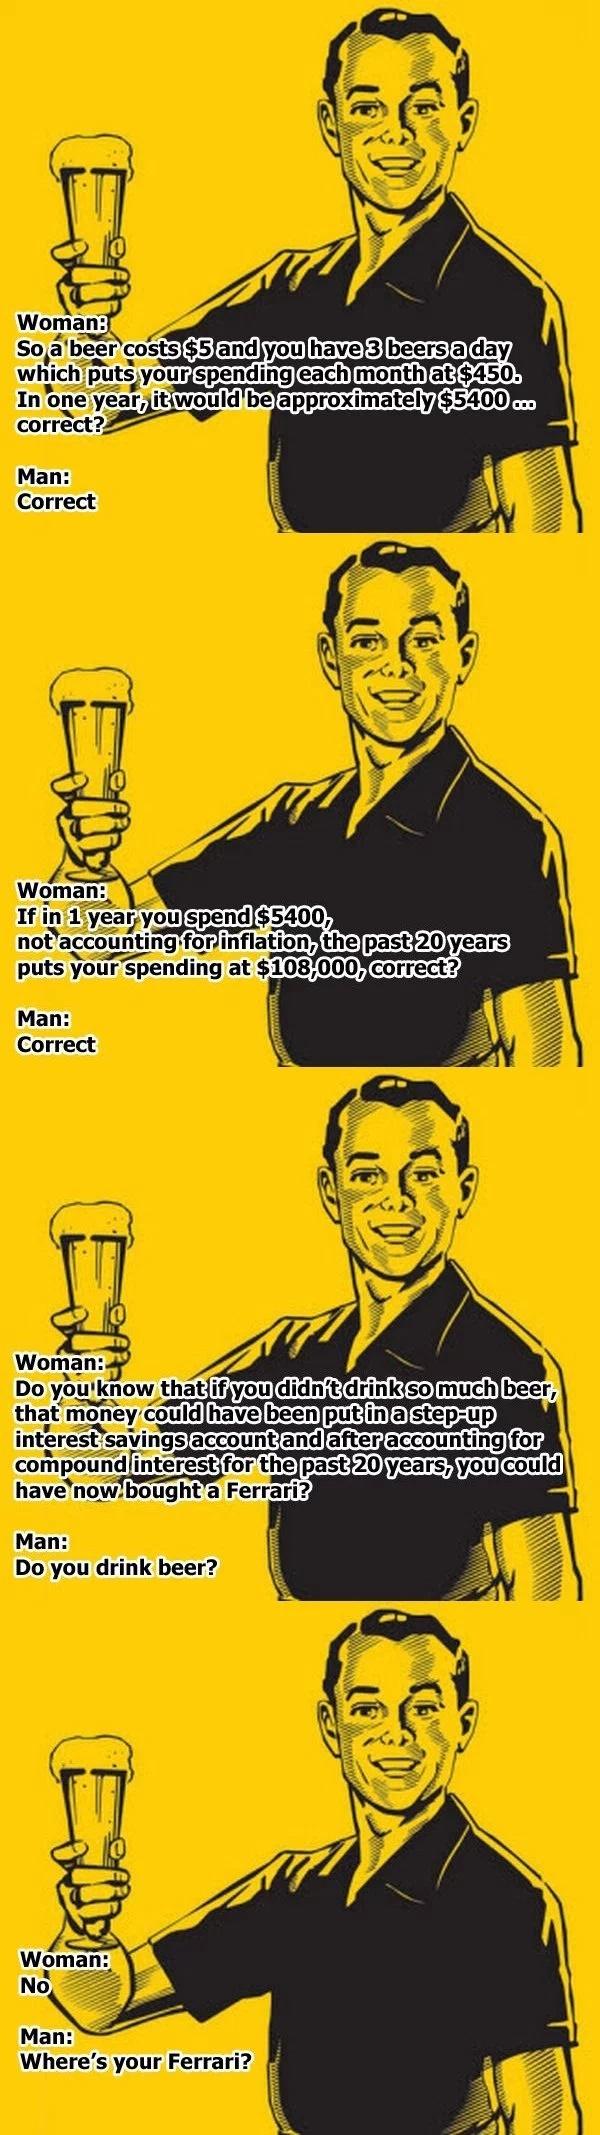 Man's Logic